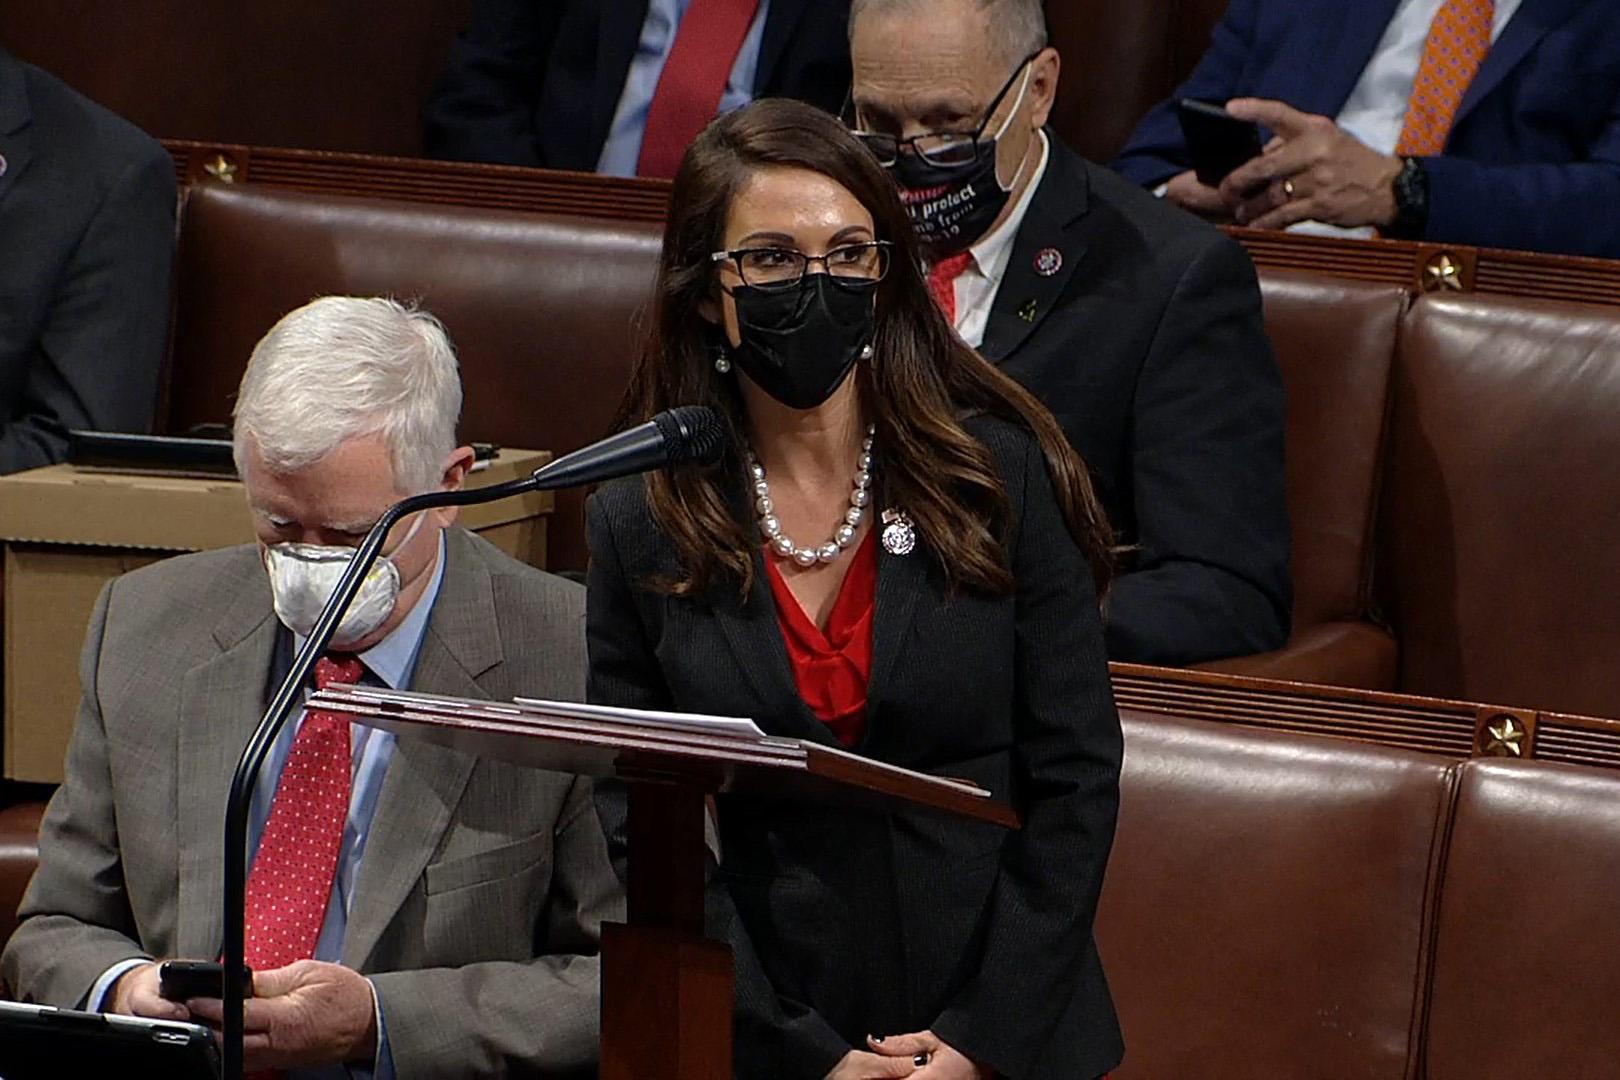 圖為共和黨聯邦眾議員勞倫·博波特(Lauren Boebert)講話資料照。(congress.gov via Getty Images)